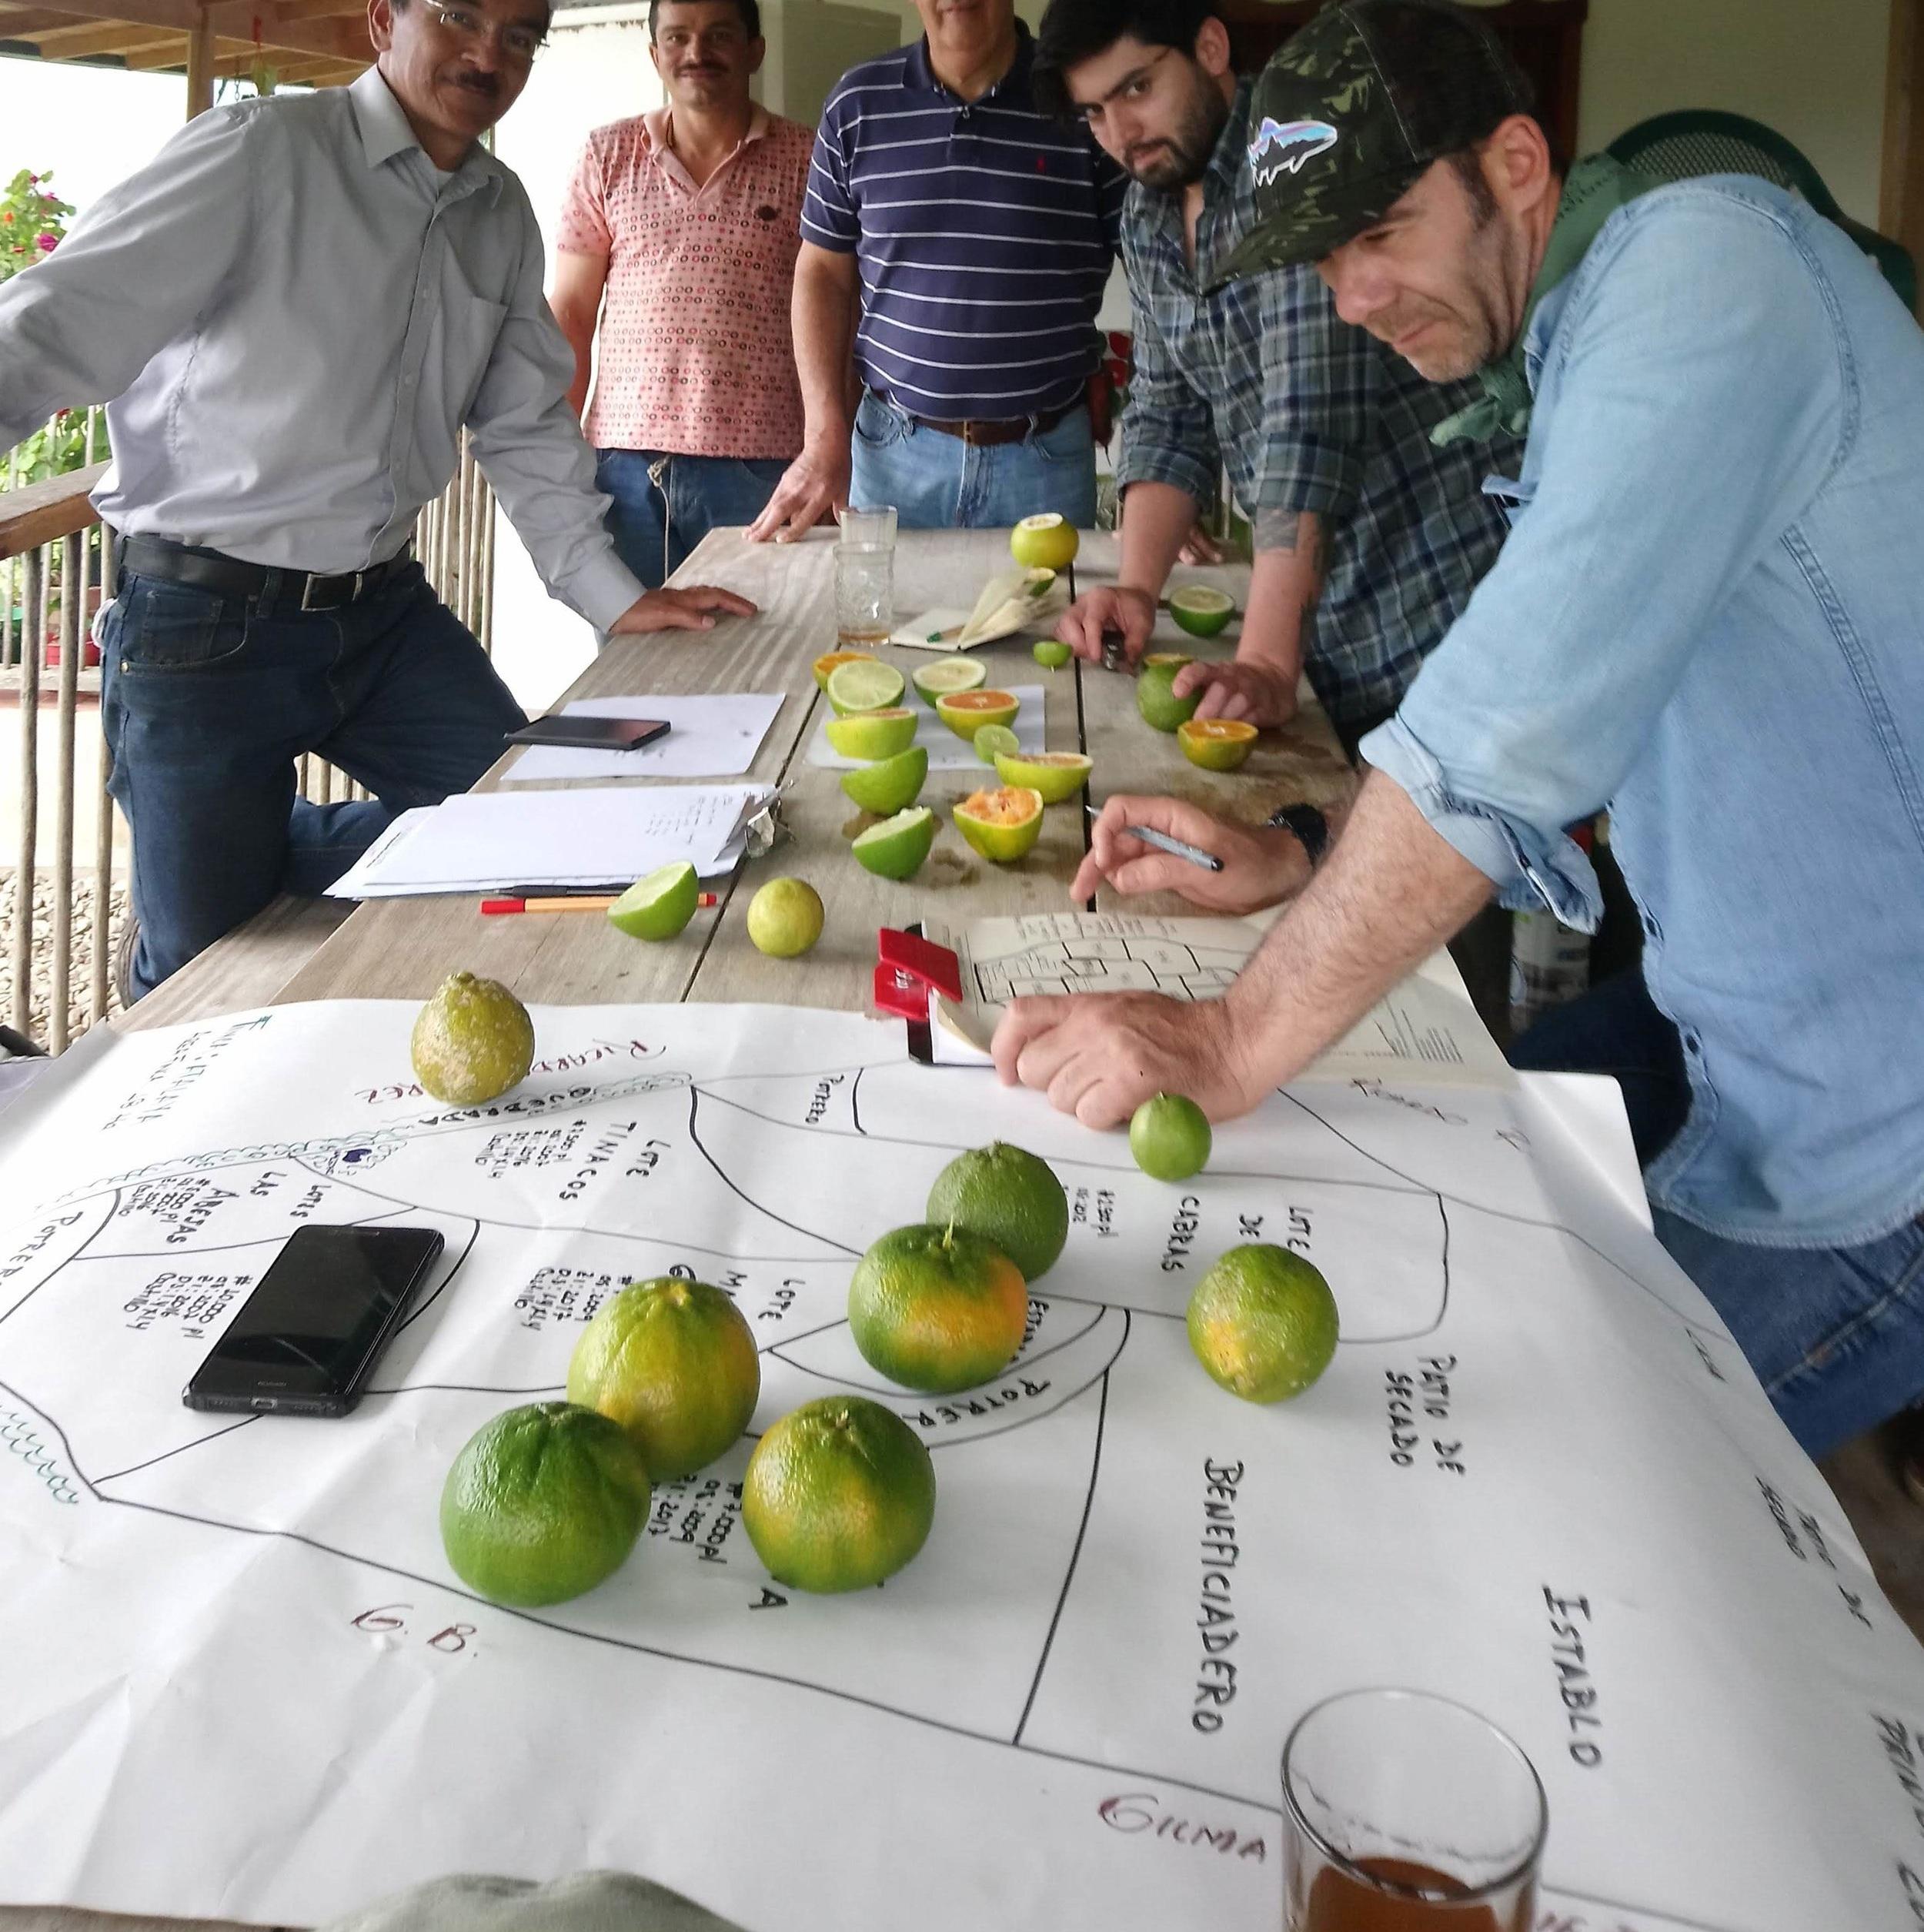 Mediantes esquemas colaborativos, acompañamos a conceptualizar y desarrollar estrategias para proyectos relacionados con la producción agrícola sostenible y el consumo responsable.